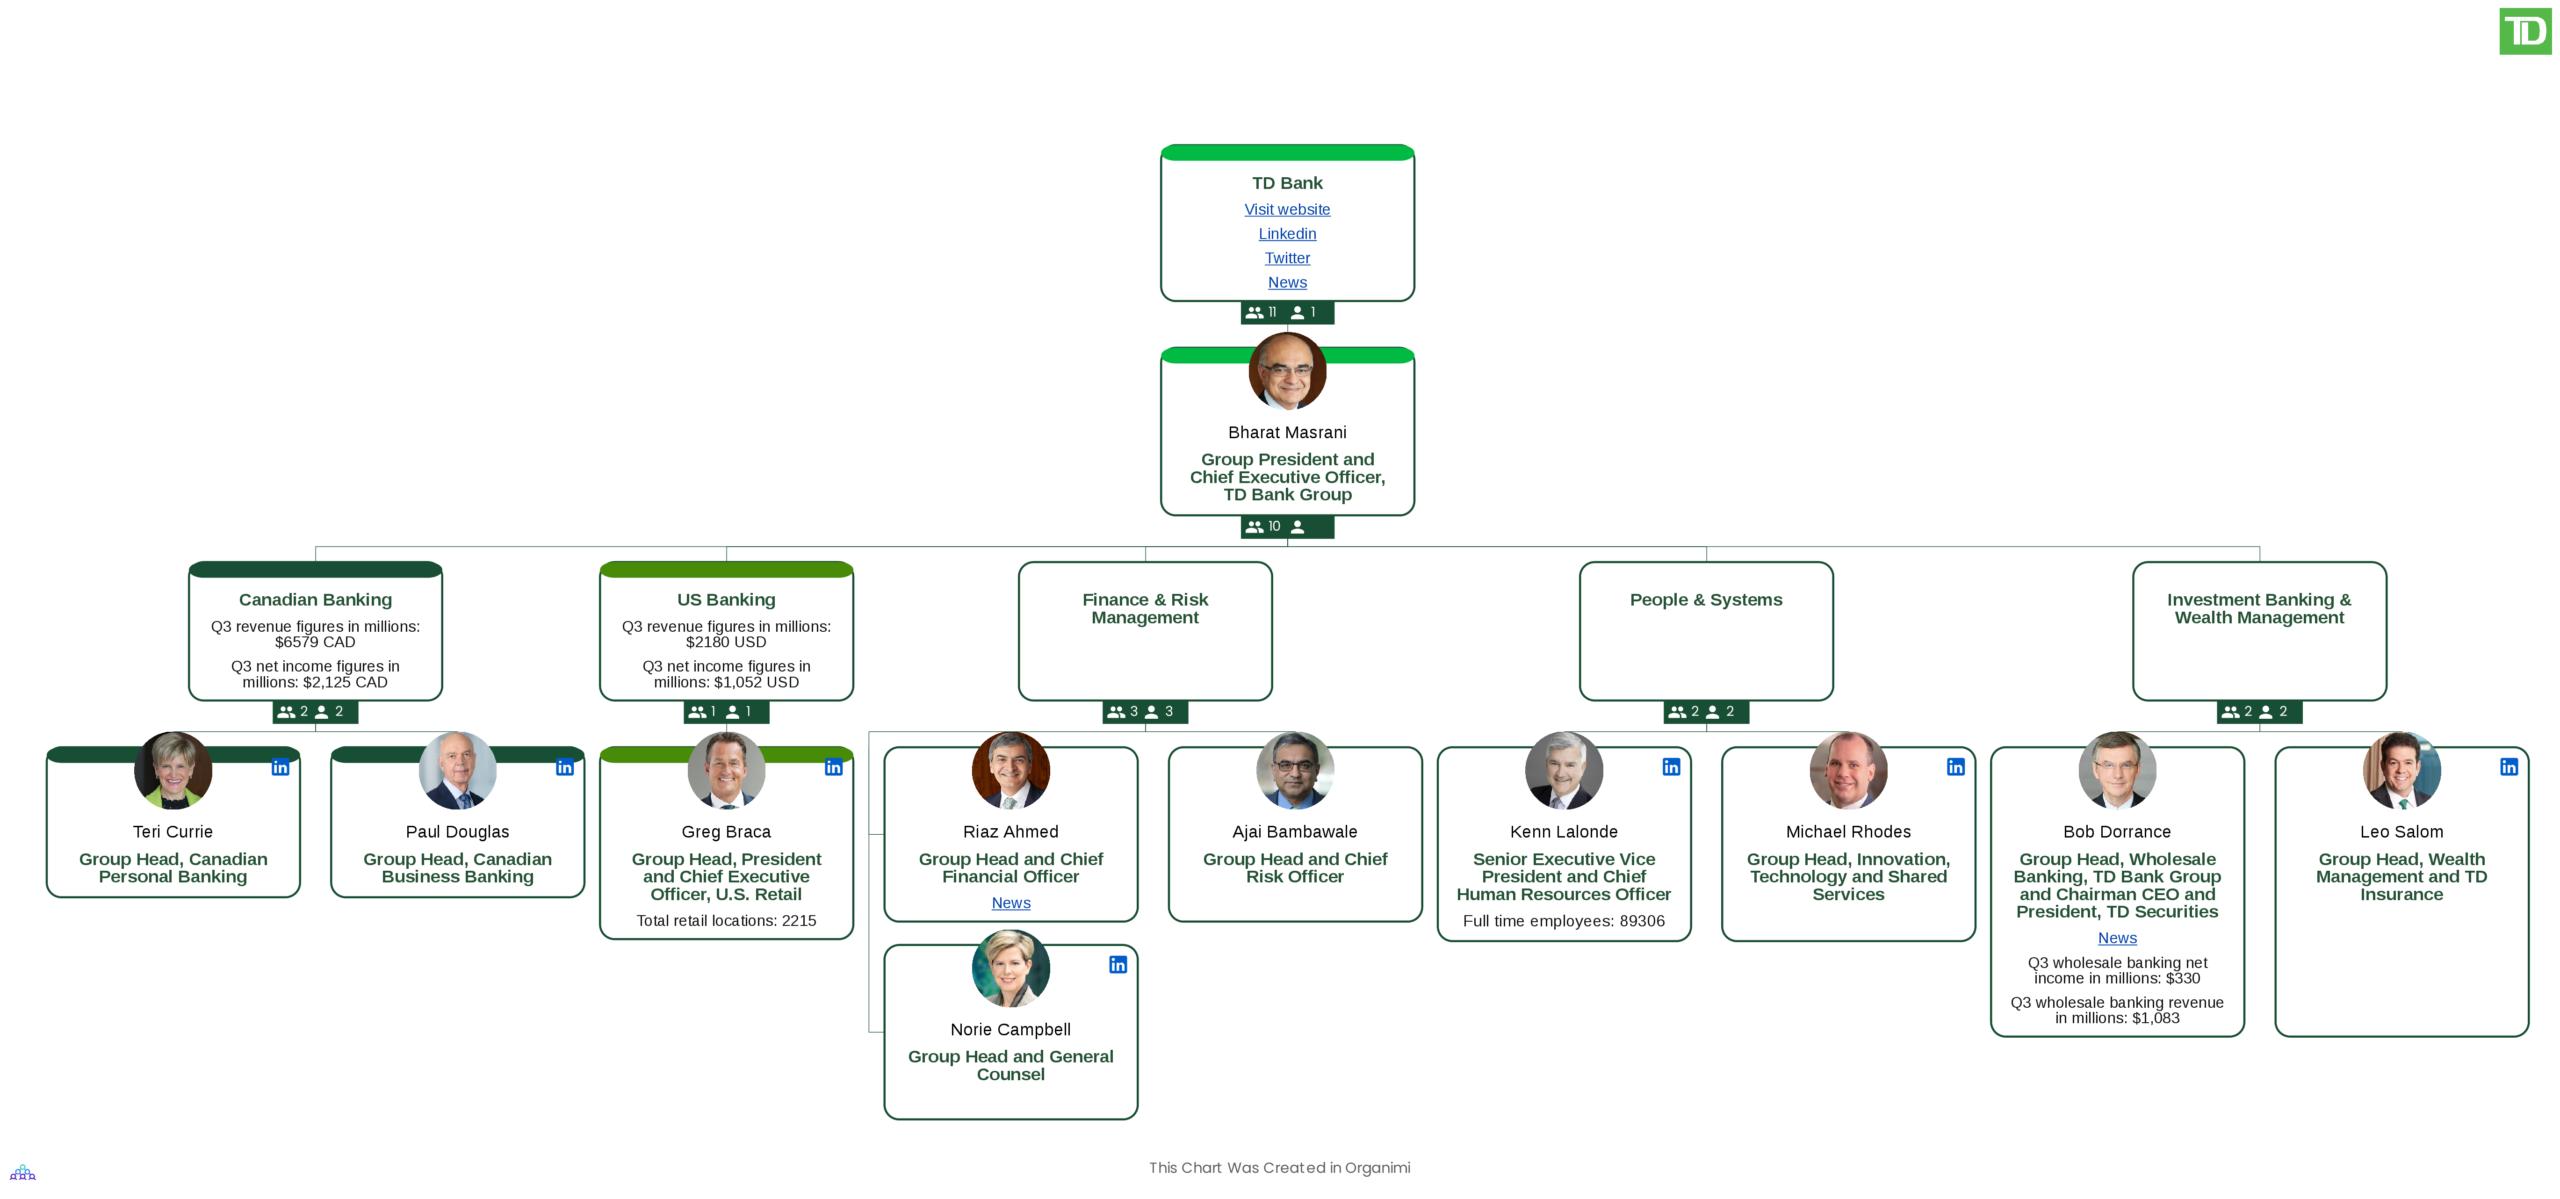 TD Canada Trust's Organizational Structure